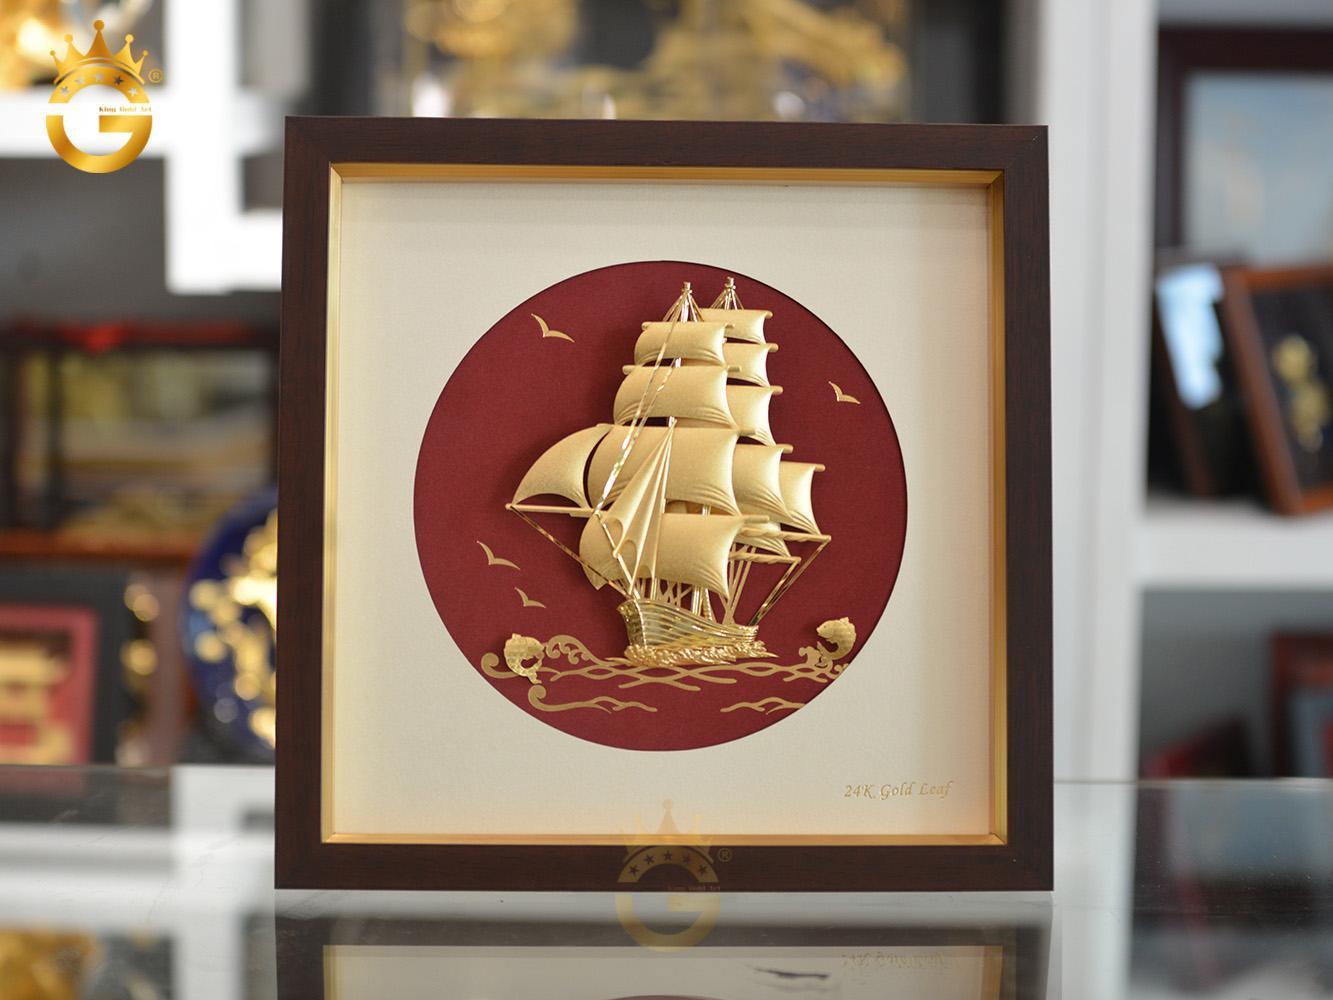 Quà tặng tân gia- tranh thuyền buồm dát vàng 24k đẹp tinh xảo